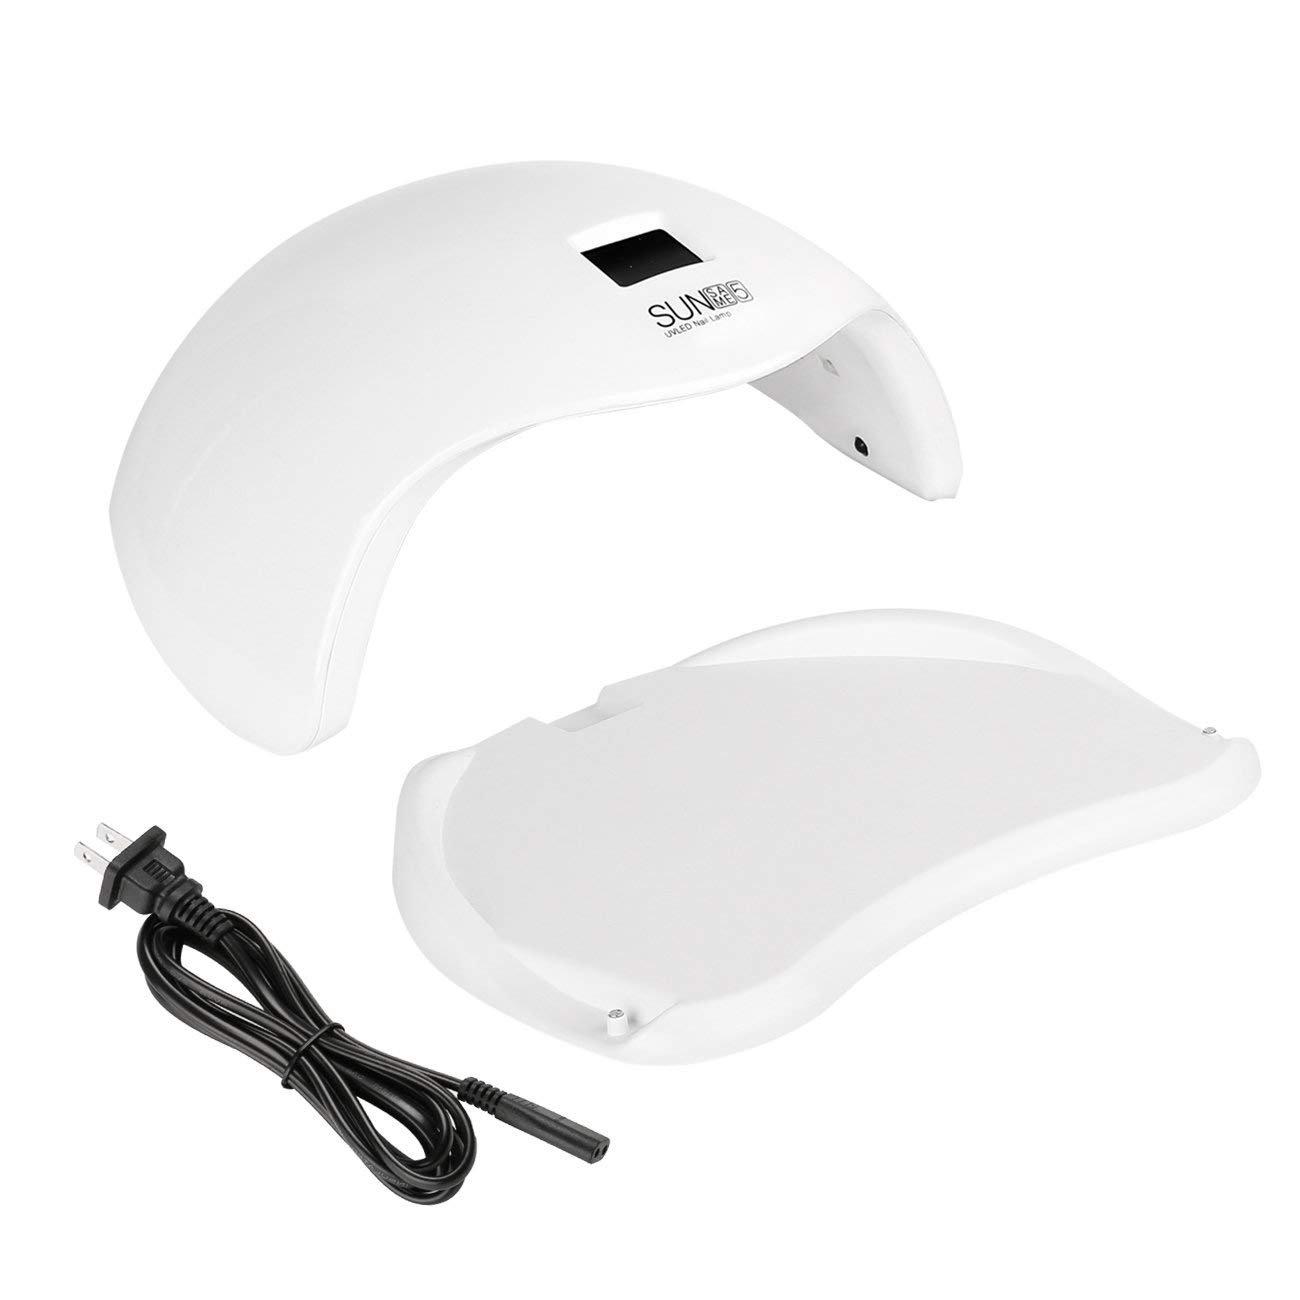 Ciysty 48W LED UV Nail Dryer Nail Lamp with 6 Timer Setting,Senor For Gel Nails and Toe Nail Curing uv nail